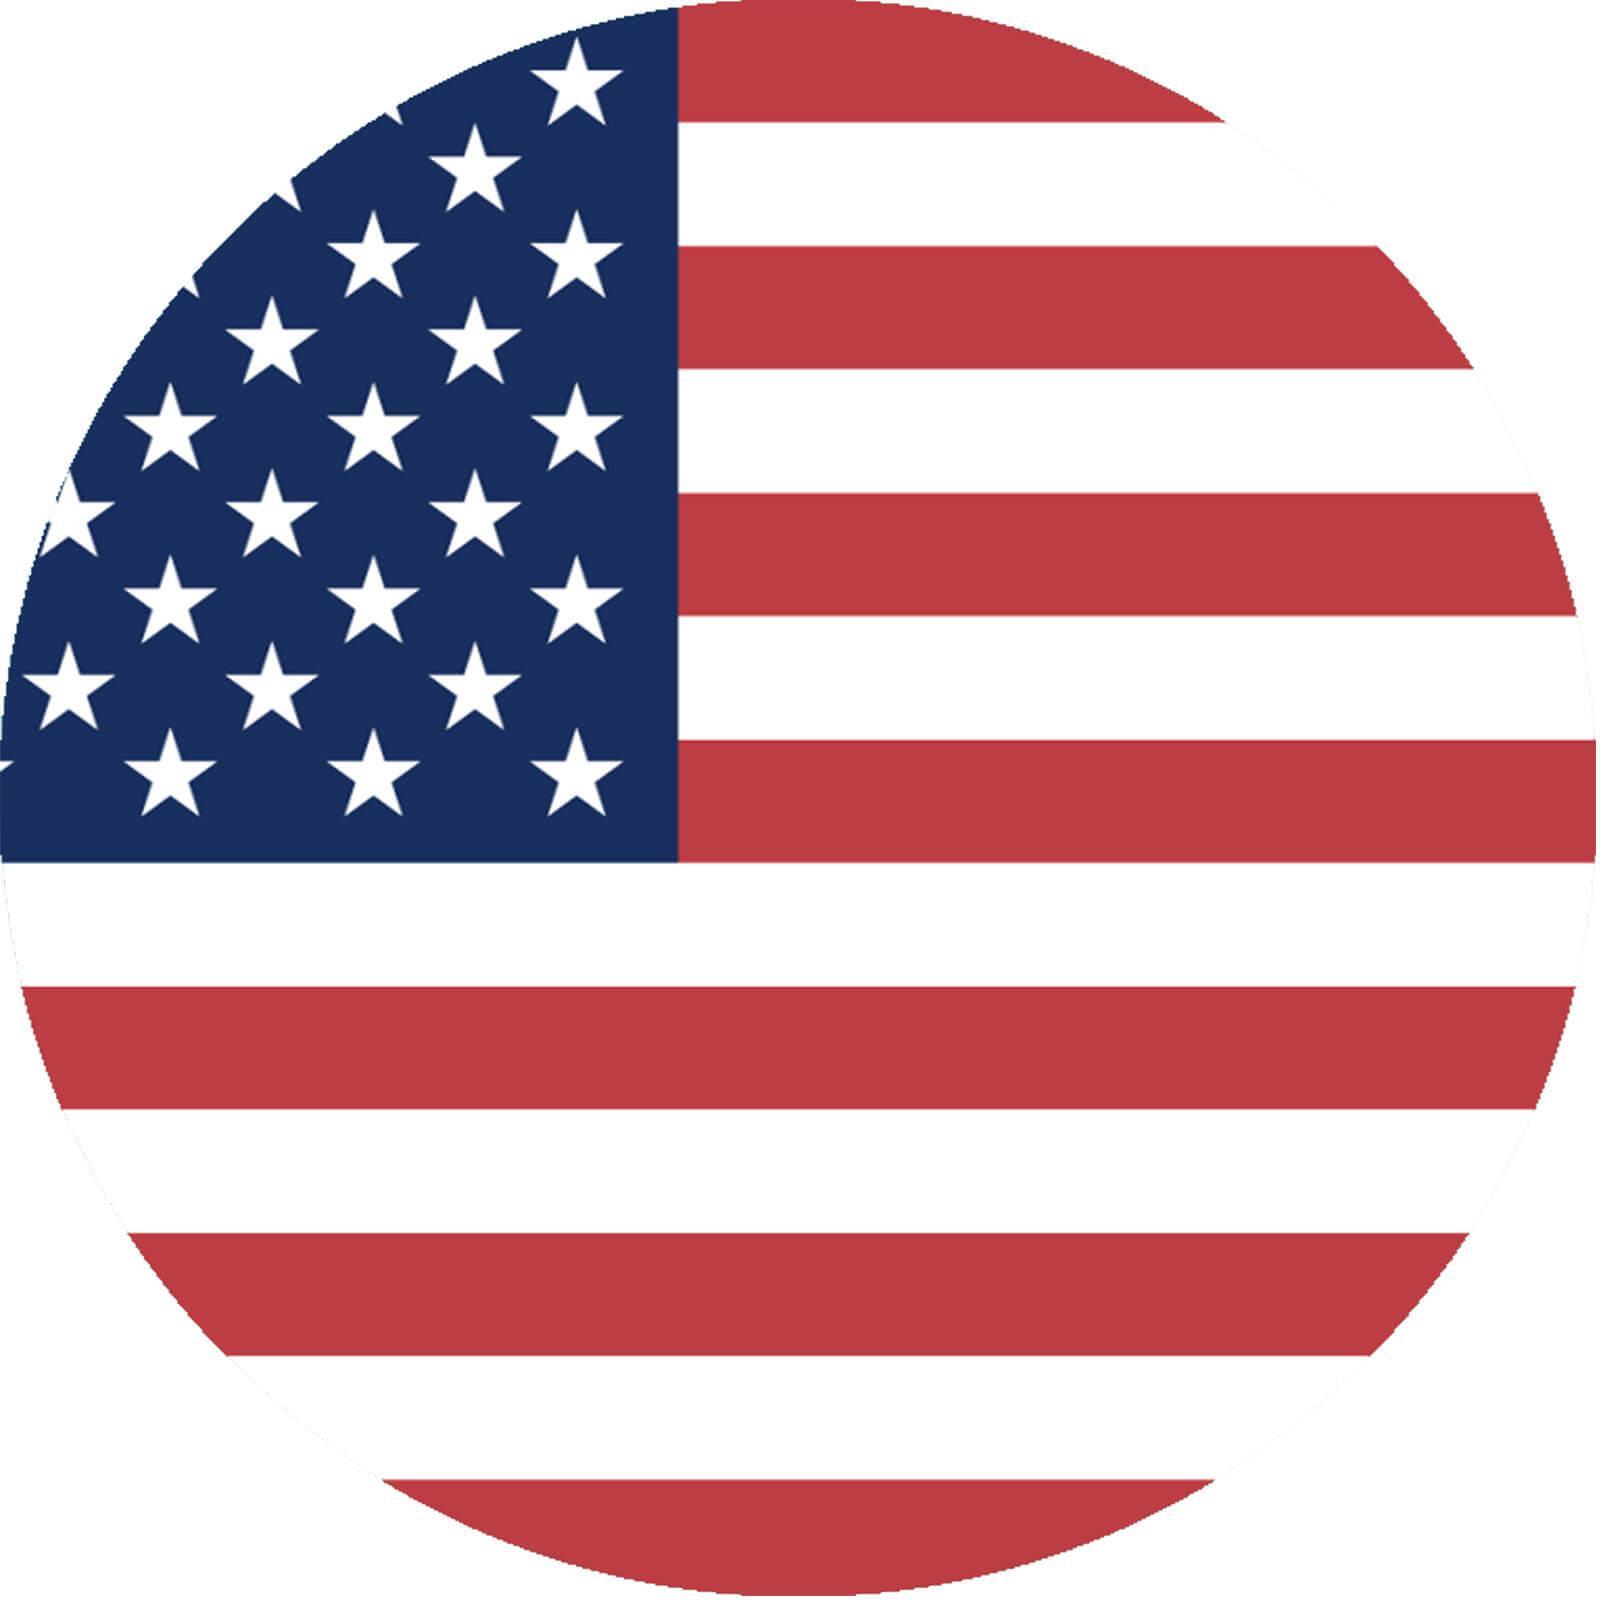 Tortenaufleger Amerika USA Flagge rund kaufen - Partydeko & Partyartikel  für Mottopartys im fixefete.de Shop kaufen